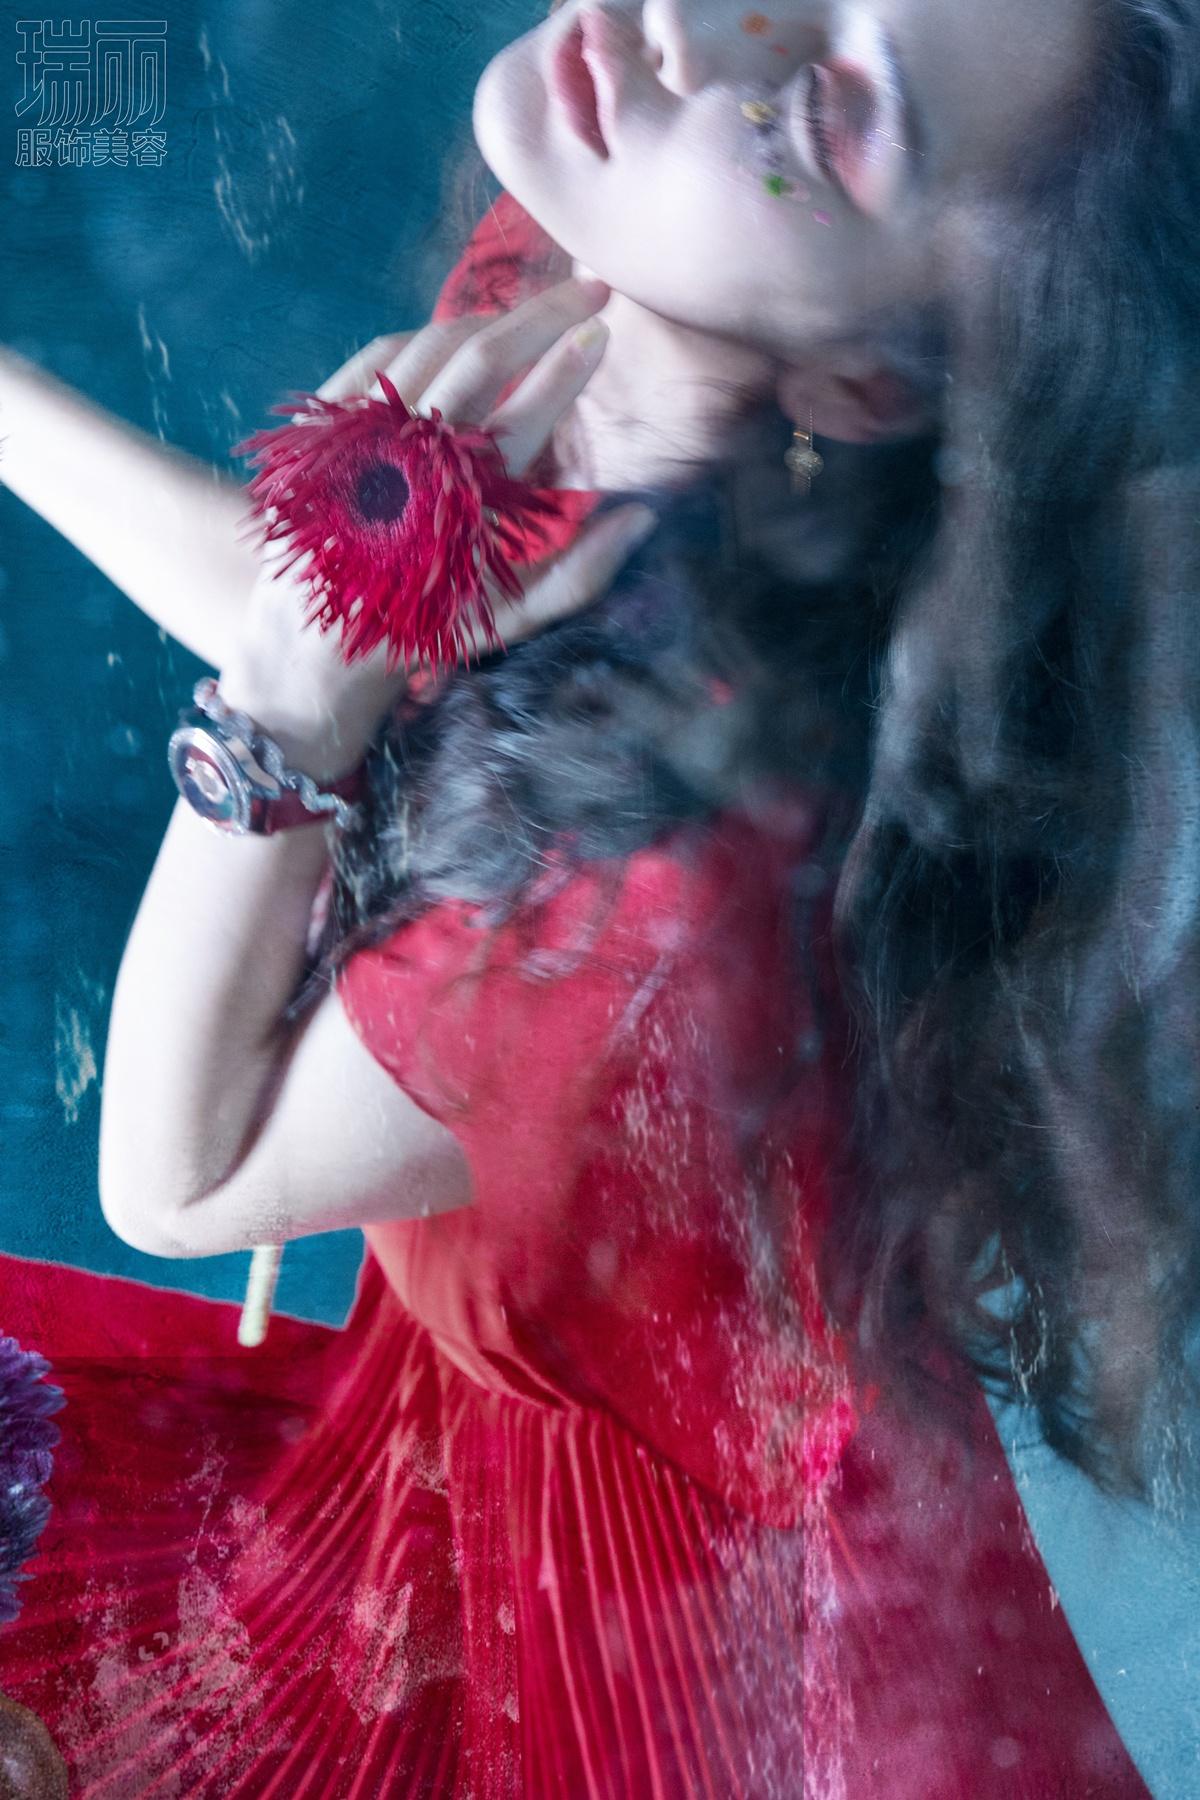 Angelababy duoc khen dep trong bo hinh moi hinh anh 8 angelababy5.jpg